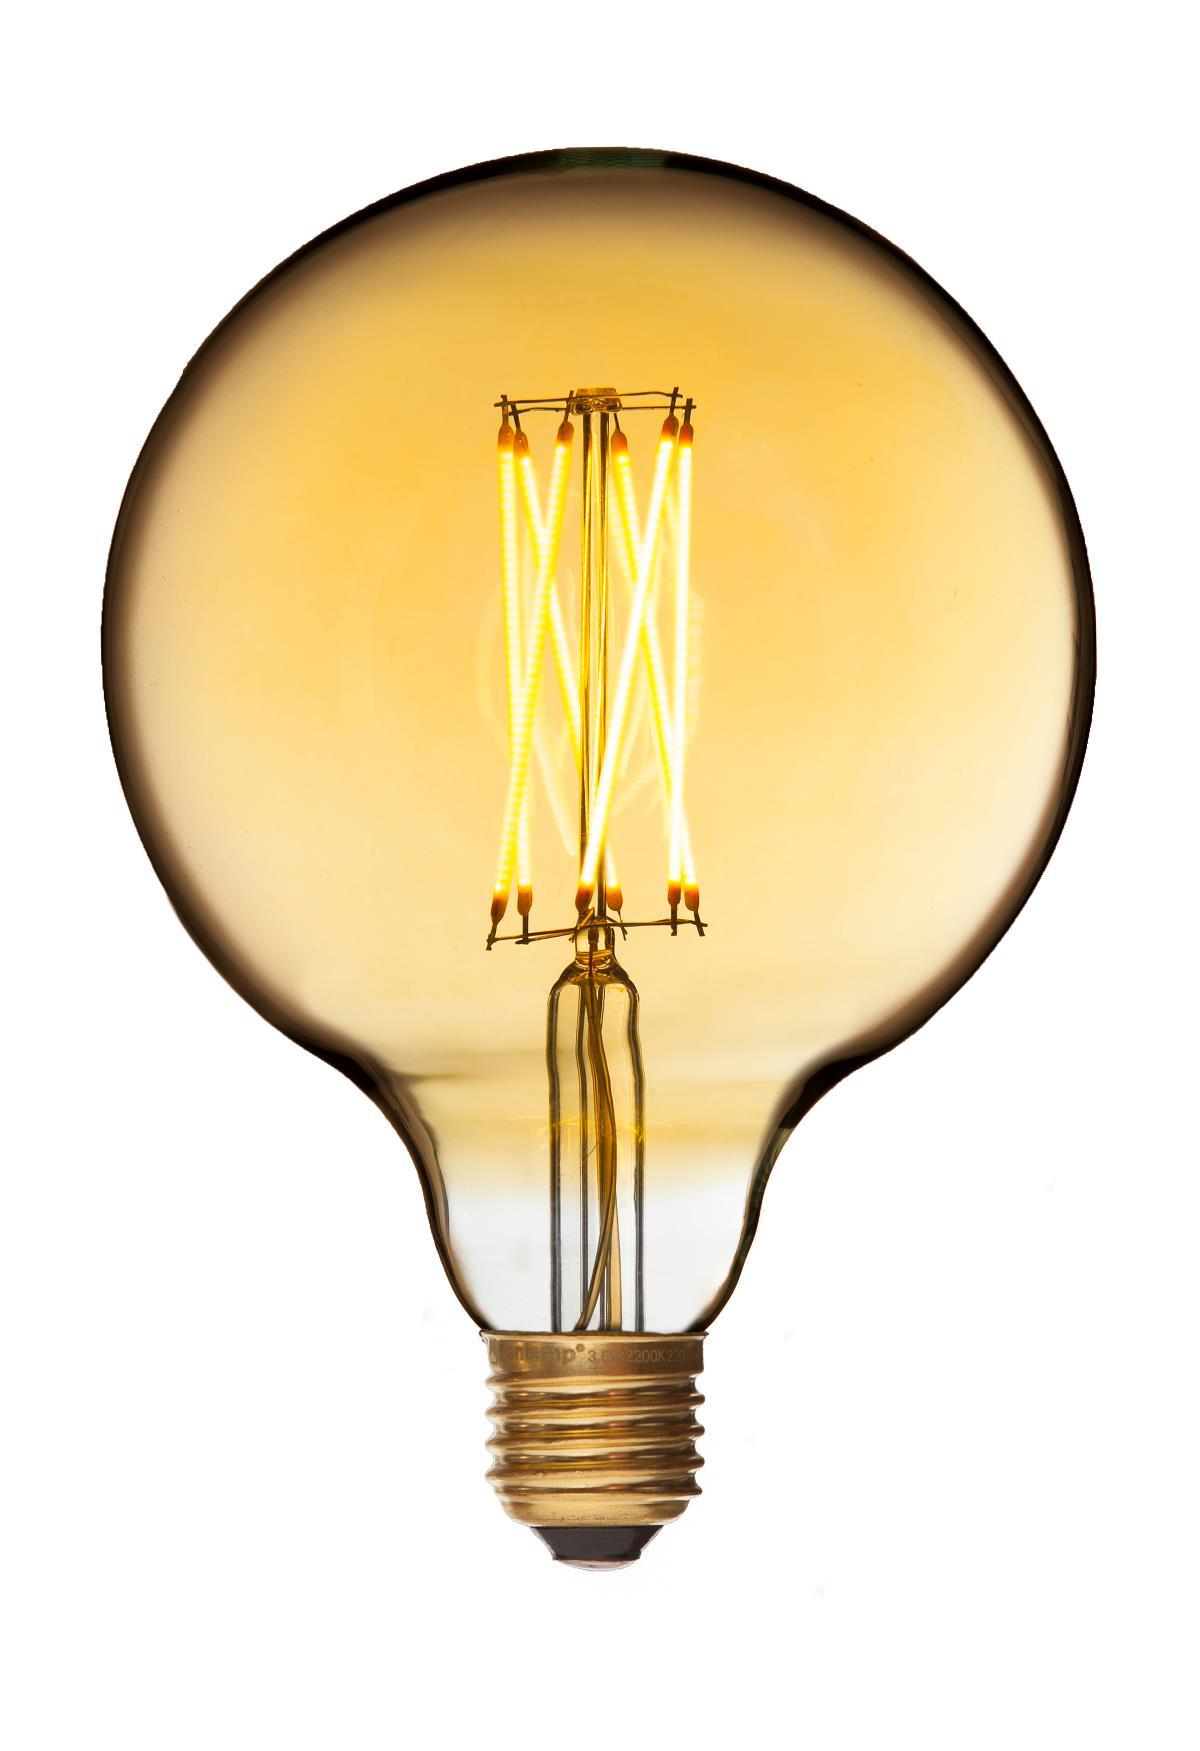 danlamp E27 - 2,5w led mega edison gold fra luxlight.dk